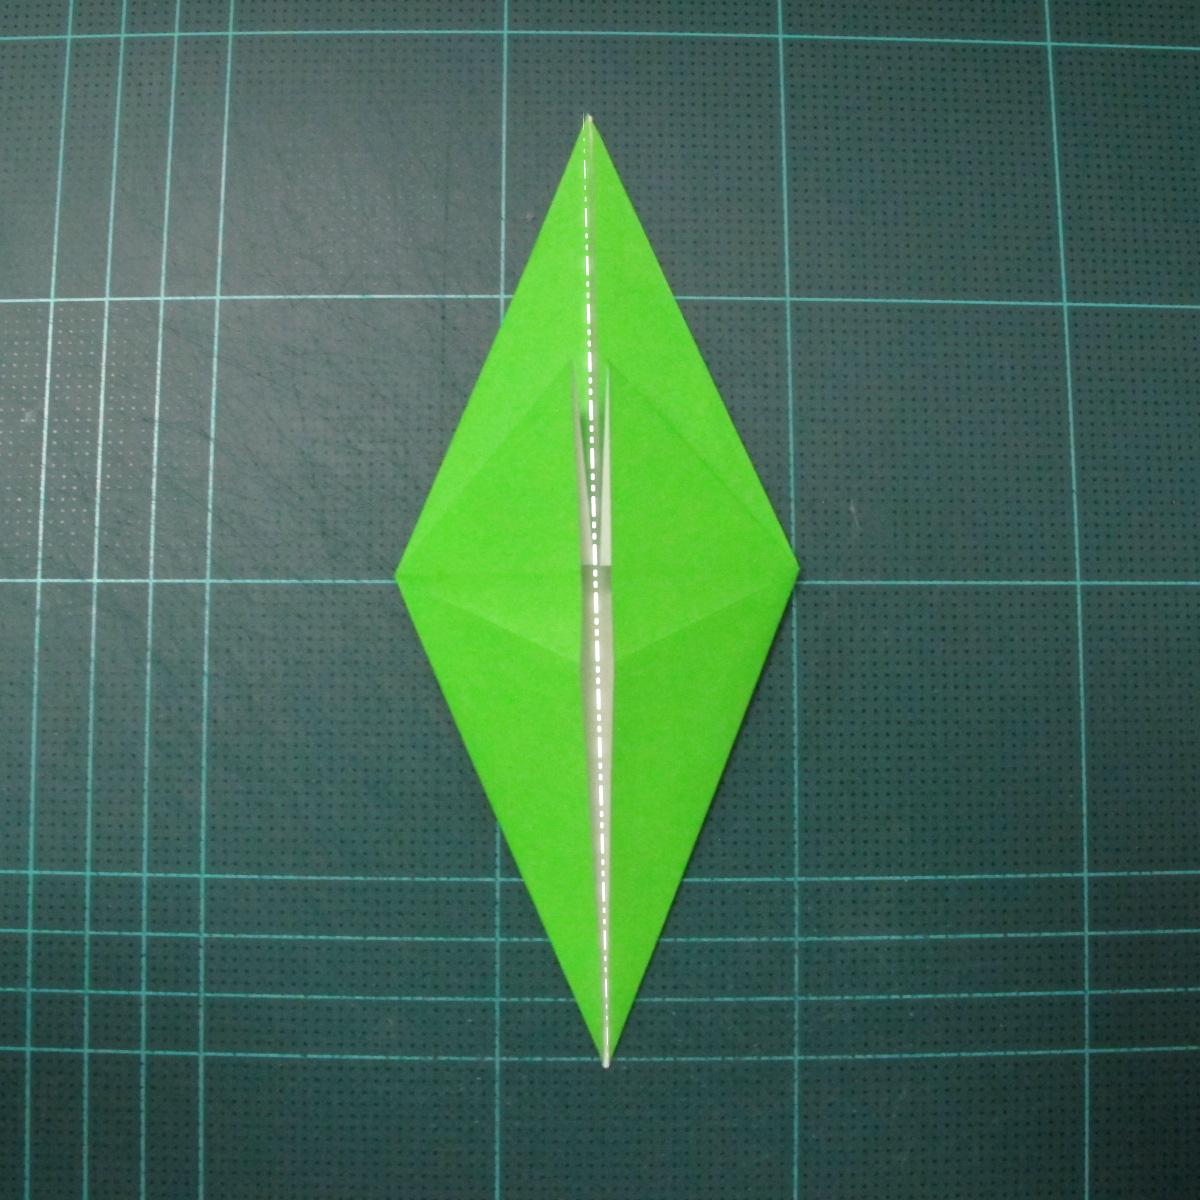 การพับกระดาษเป็นรูปแมวน้ำ (Origami Seal) 003